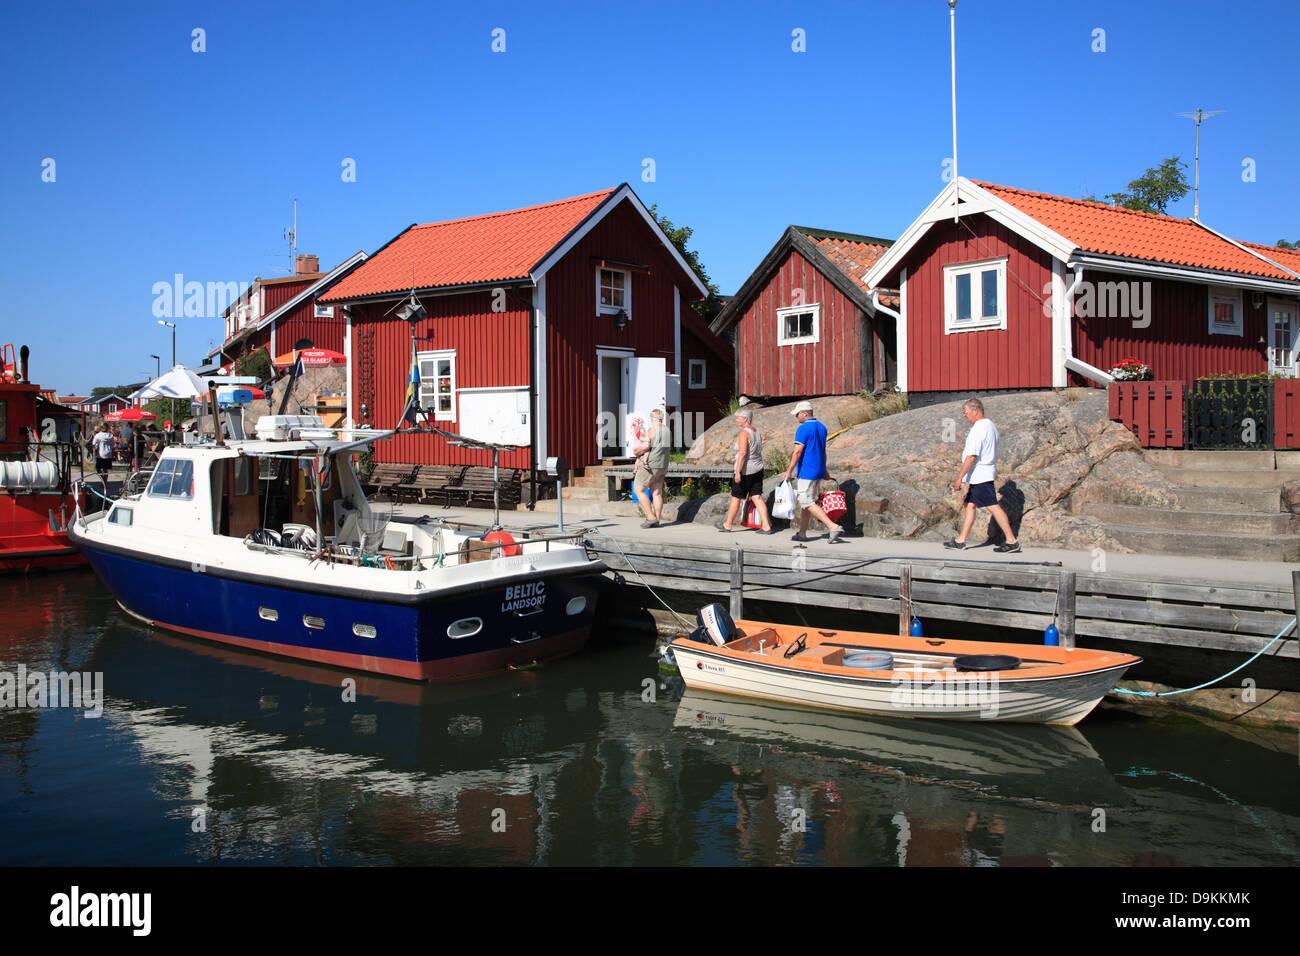 Hafen der Insel Landsort (Oeja), Stockholmer Schären, Ostsee, Schweden, Skandinavien Stockbild